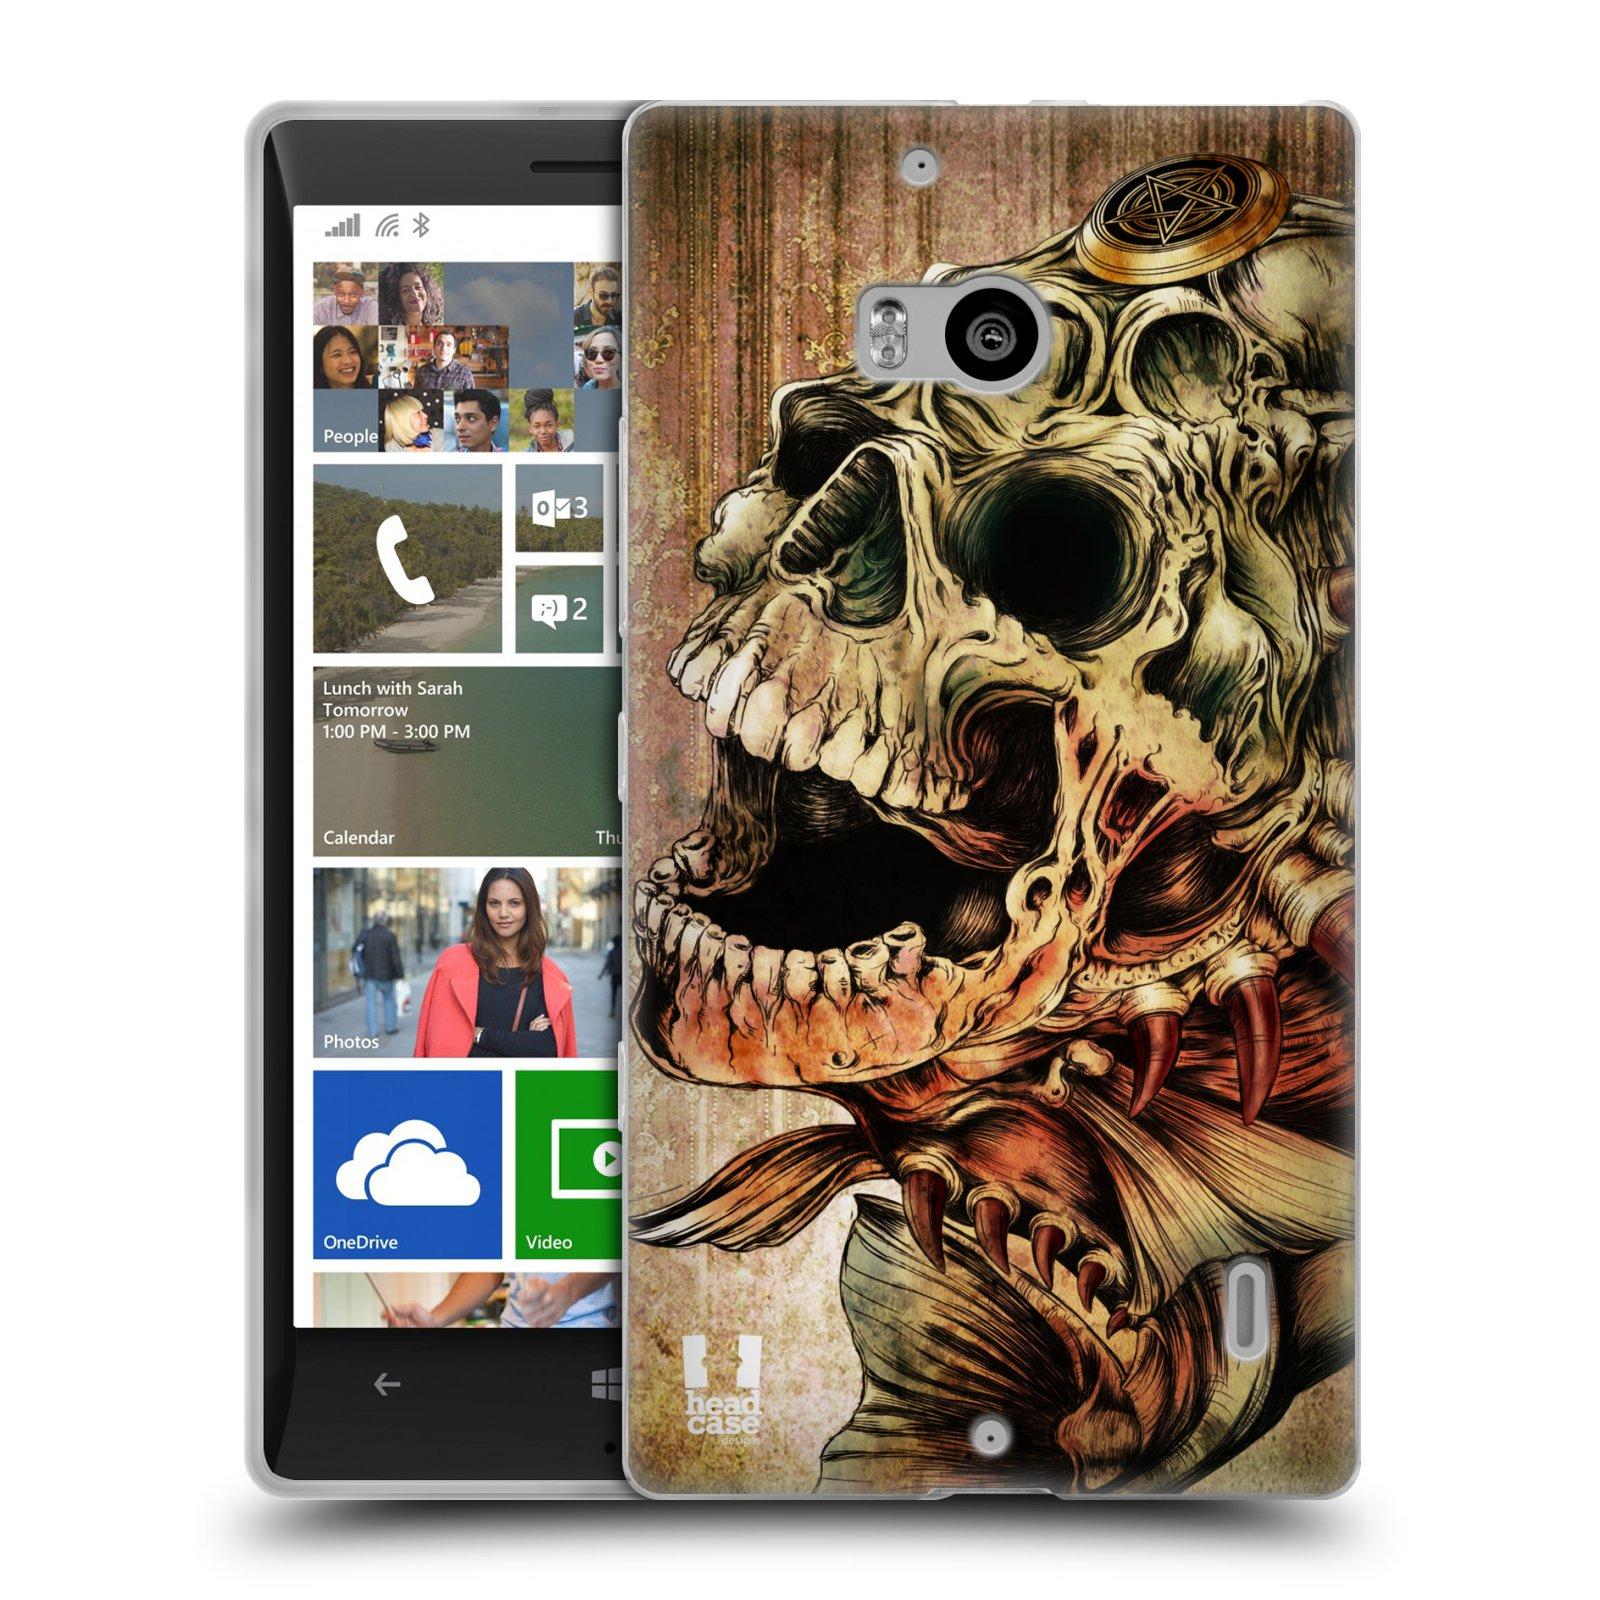 Silikonové pouzdro na mobil Nokia Lumia 930 HEAD CASE PIRANHA (Silikonový kryt či obal na mobilní telefon Nokia Lumia 930)